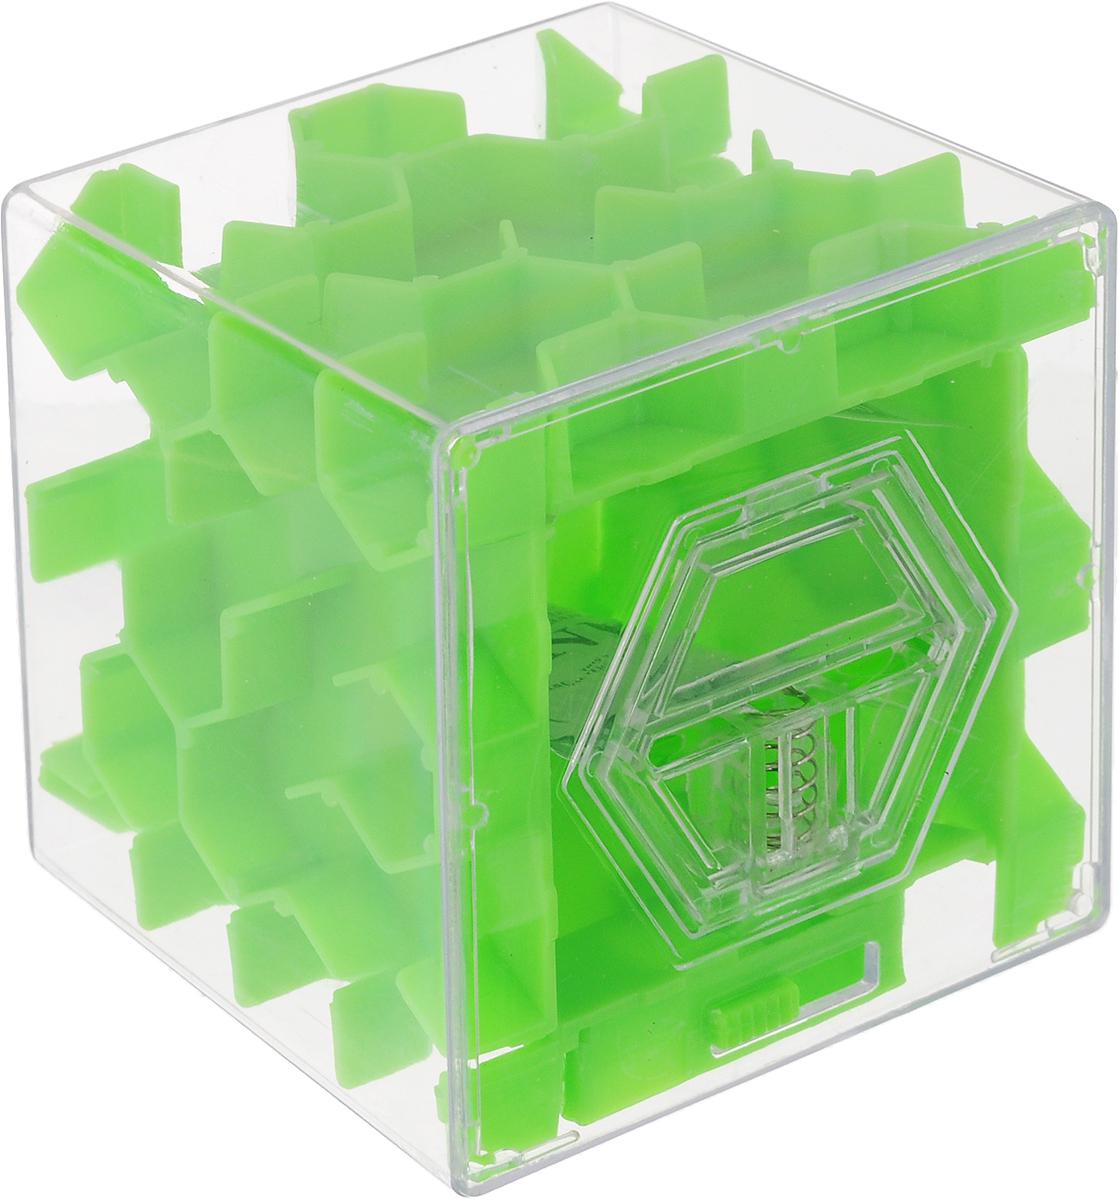 Копилка-головоломка Эврика Лабиринт, цвет: зеленый головоломка эврика лабиринт сфера red 98723